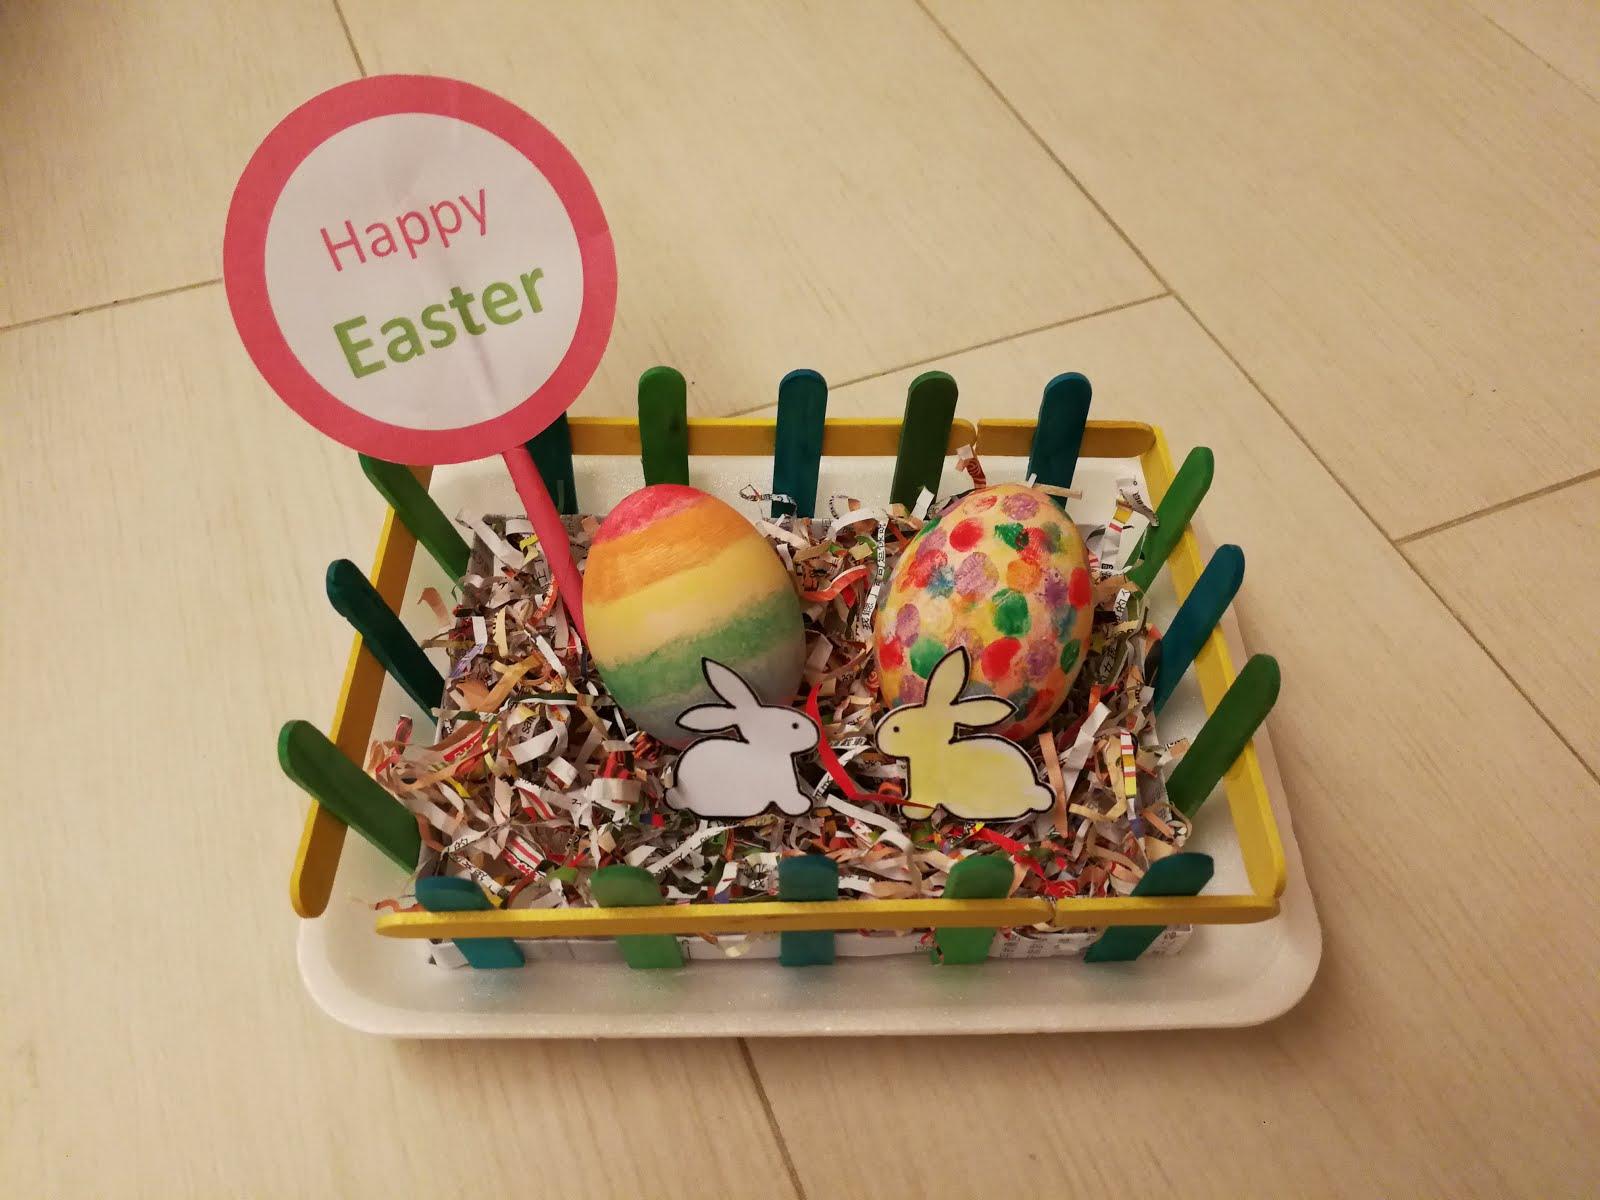 馬卡媽媽 生活誌: [DIY] 親子復活蛋Easter Egg